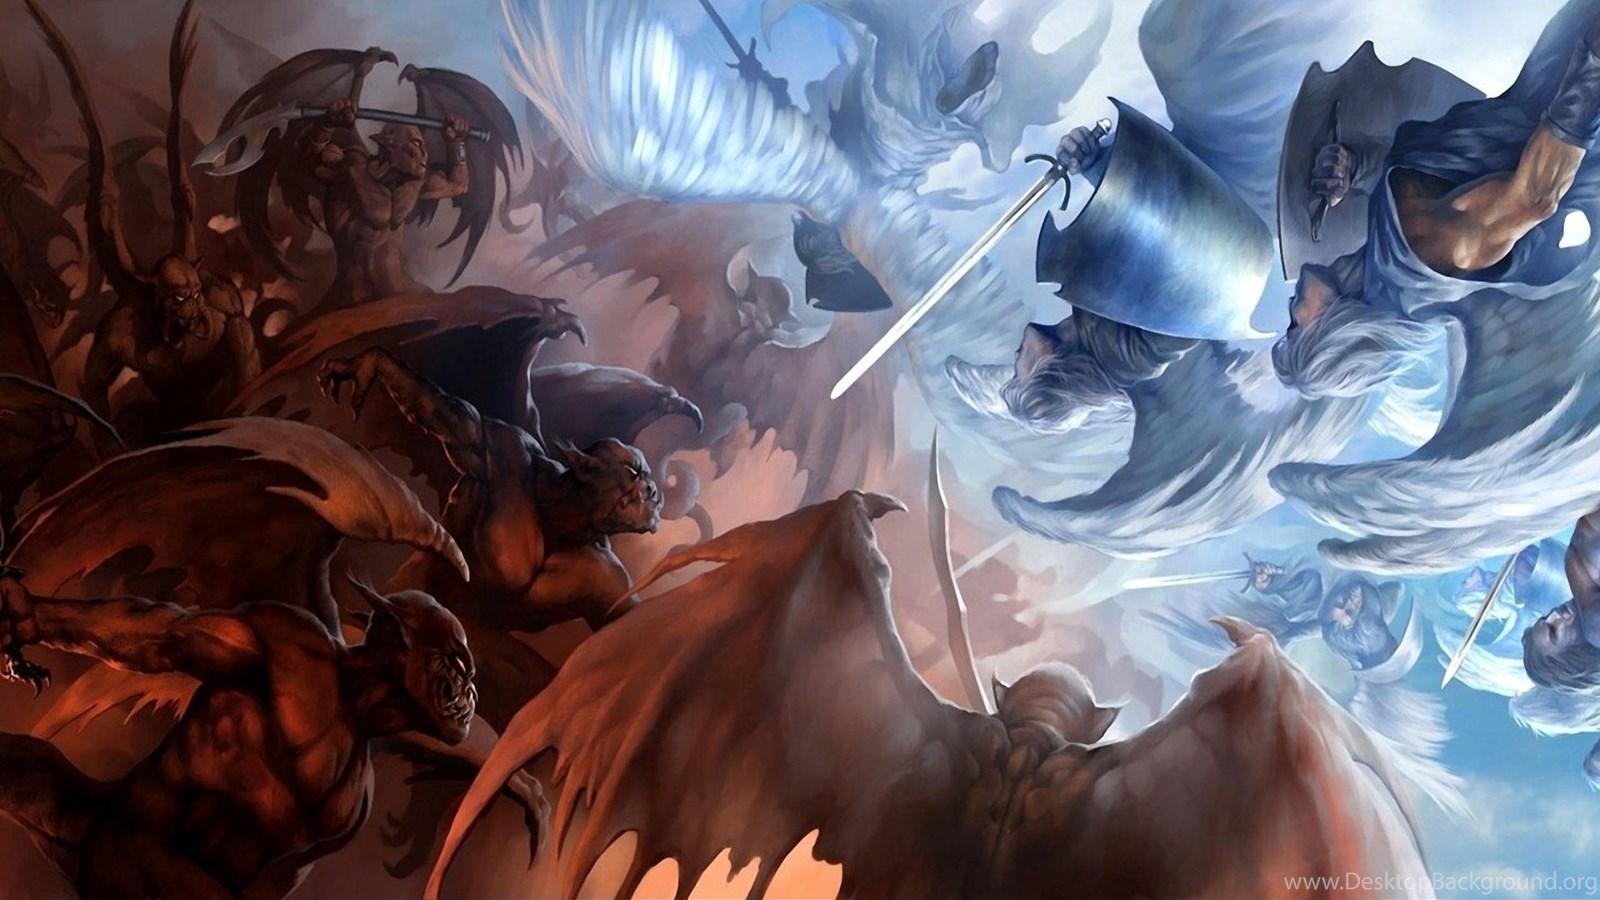 Wallpapers Demons Angels Vs Anime Devil Fight God Full Hd ...